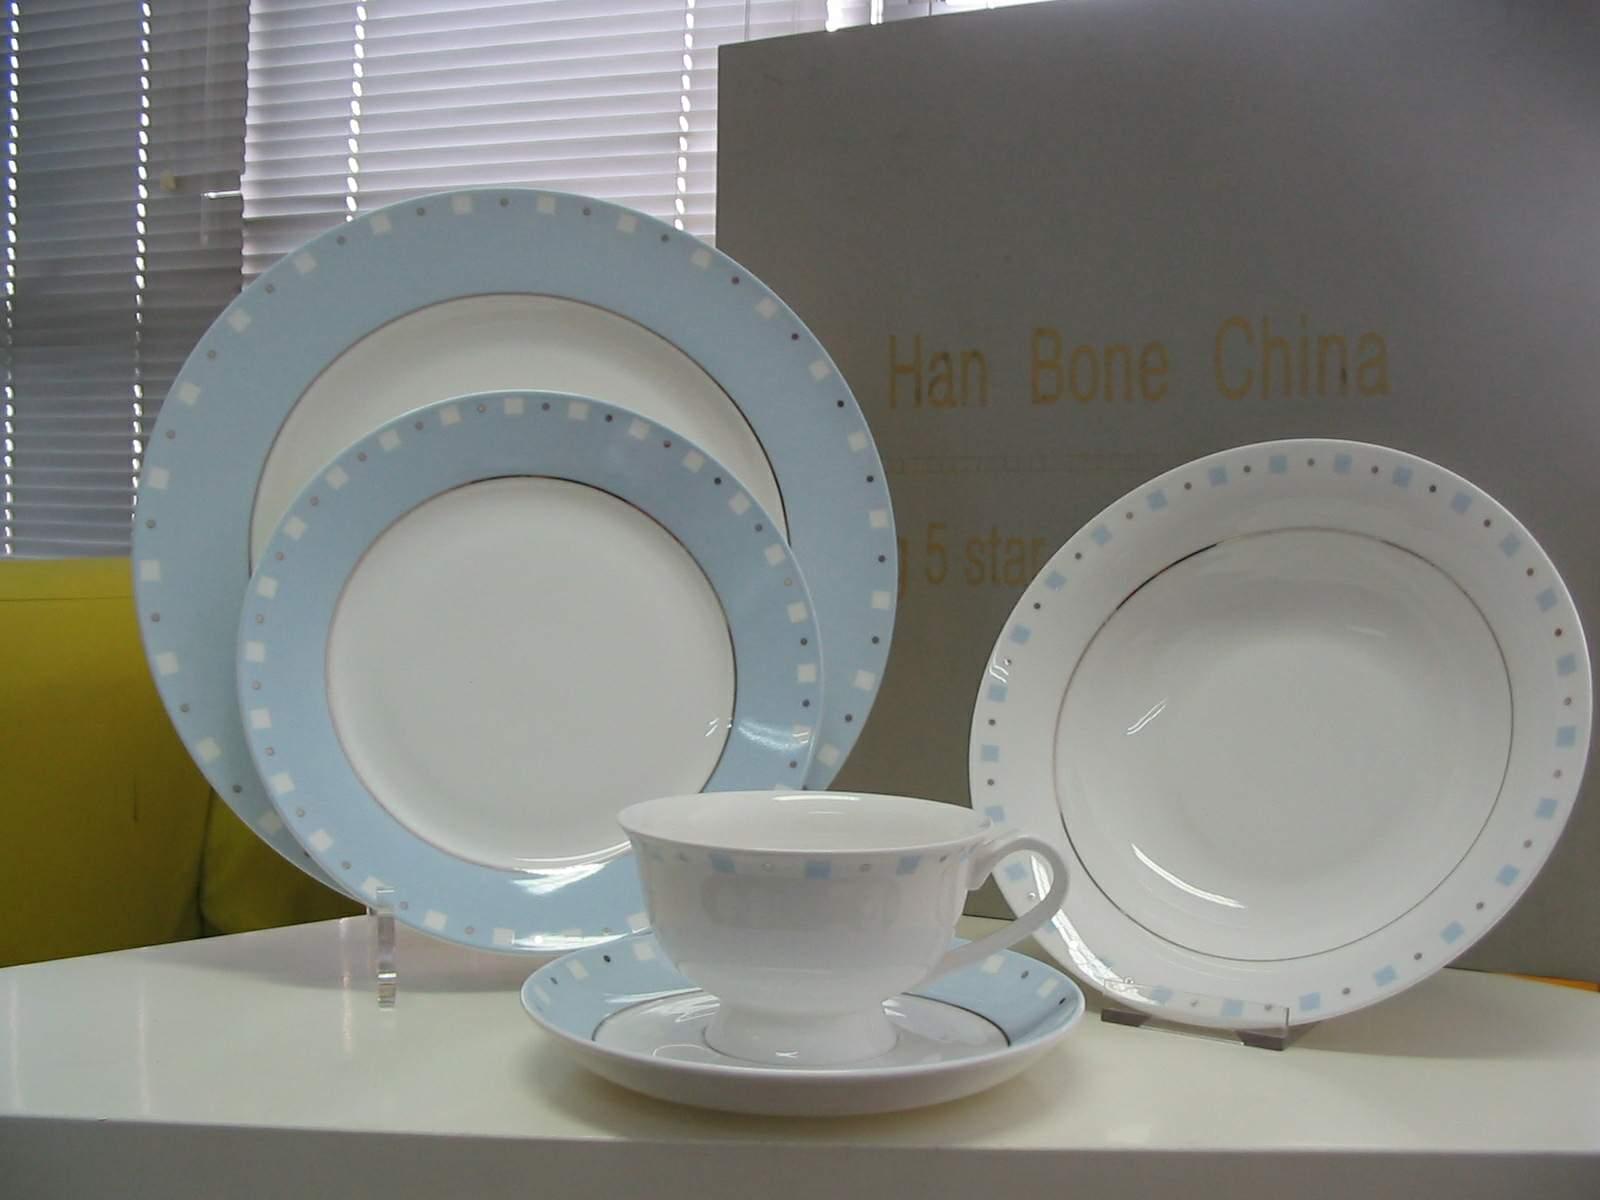 & Han Bone China Dinnerware - Buy China Dinnerware Product on Alibaba.com